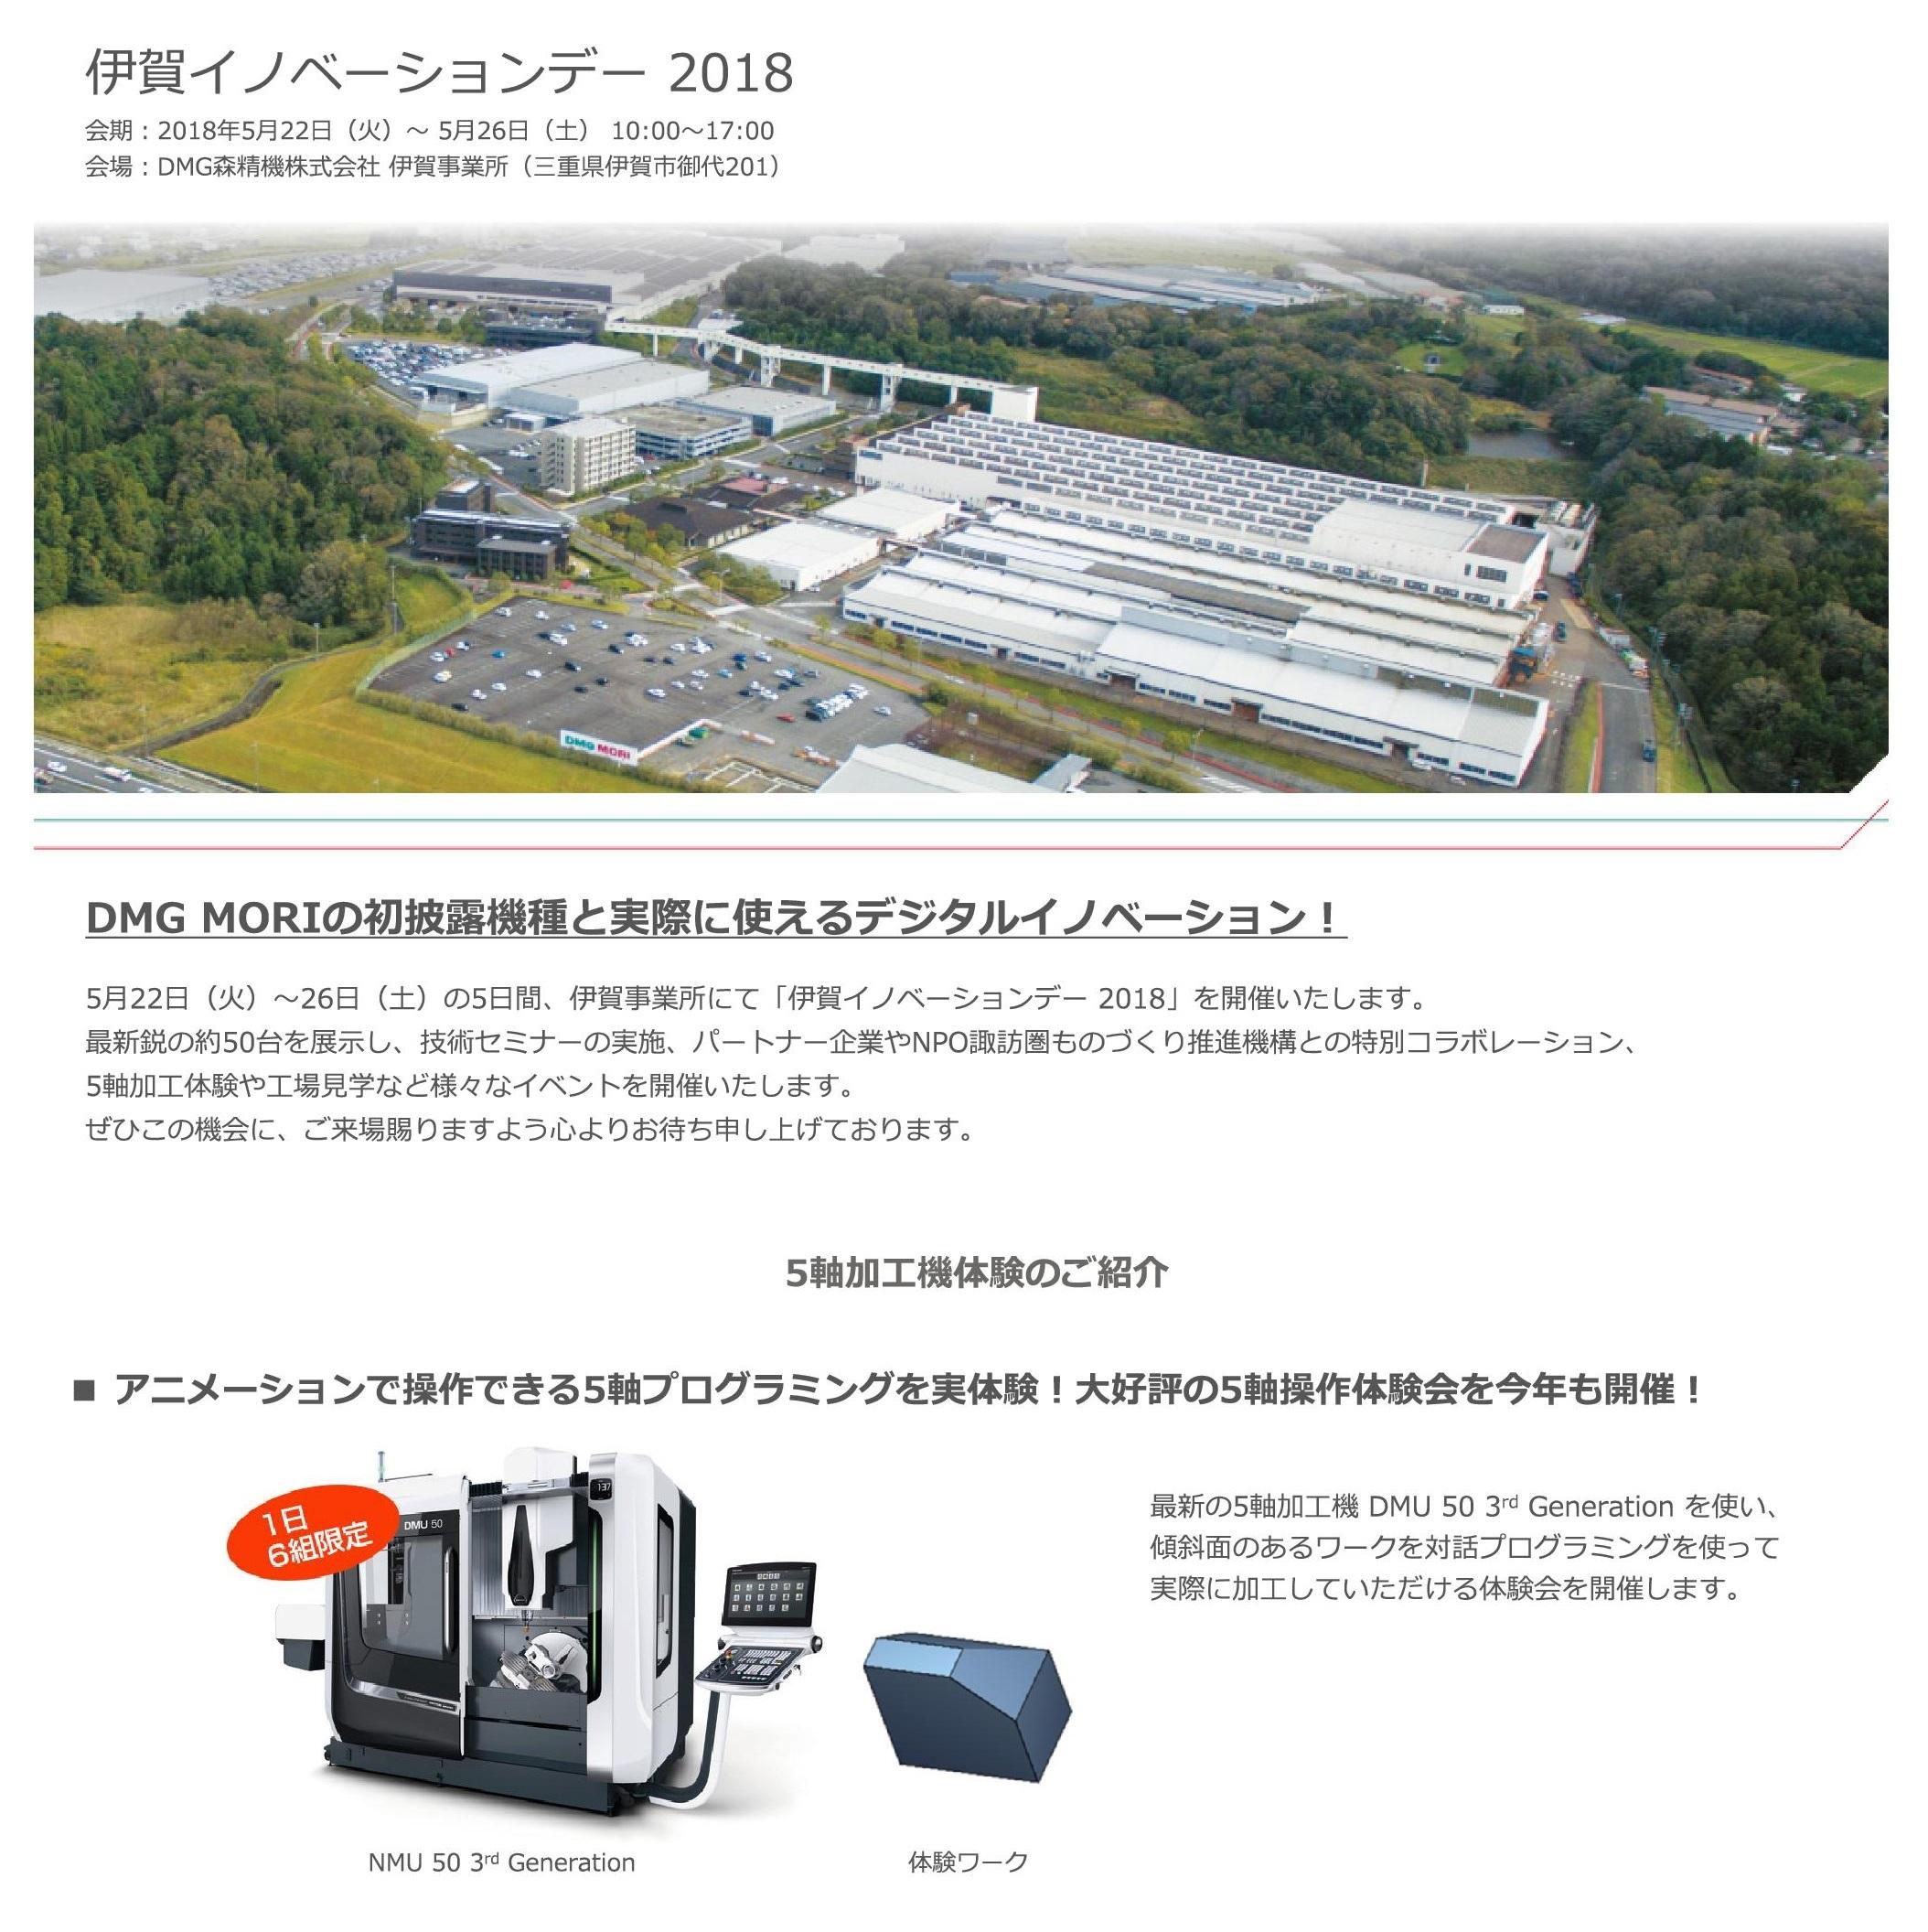 5月開催「DMG MORI 伊賀イノベーションデー2018」展示会のお知らせ